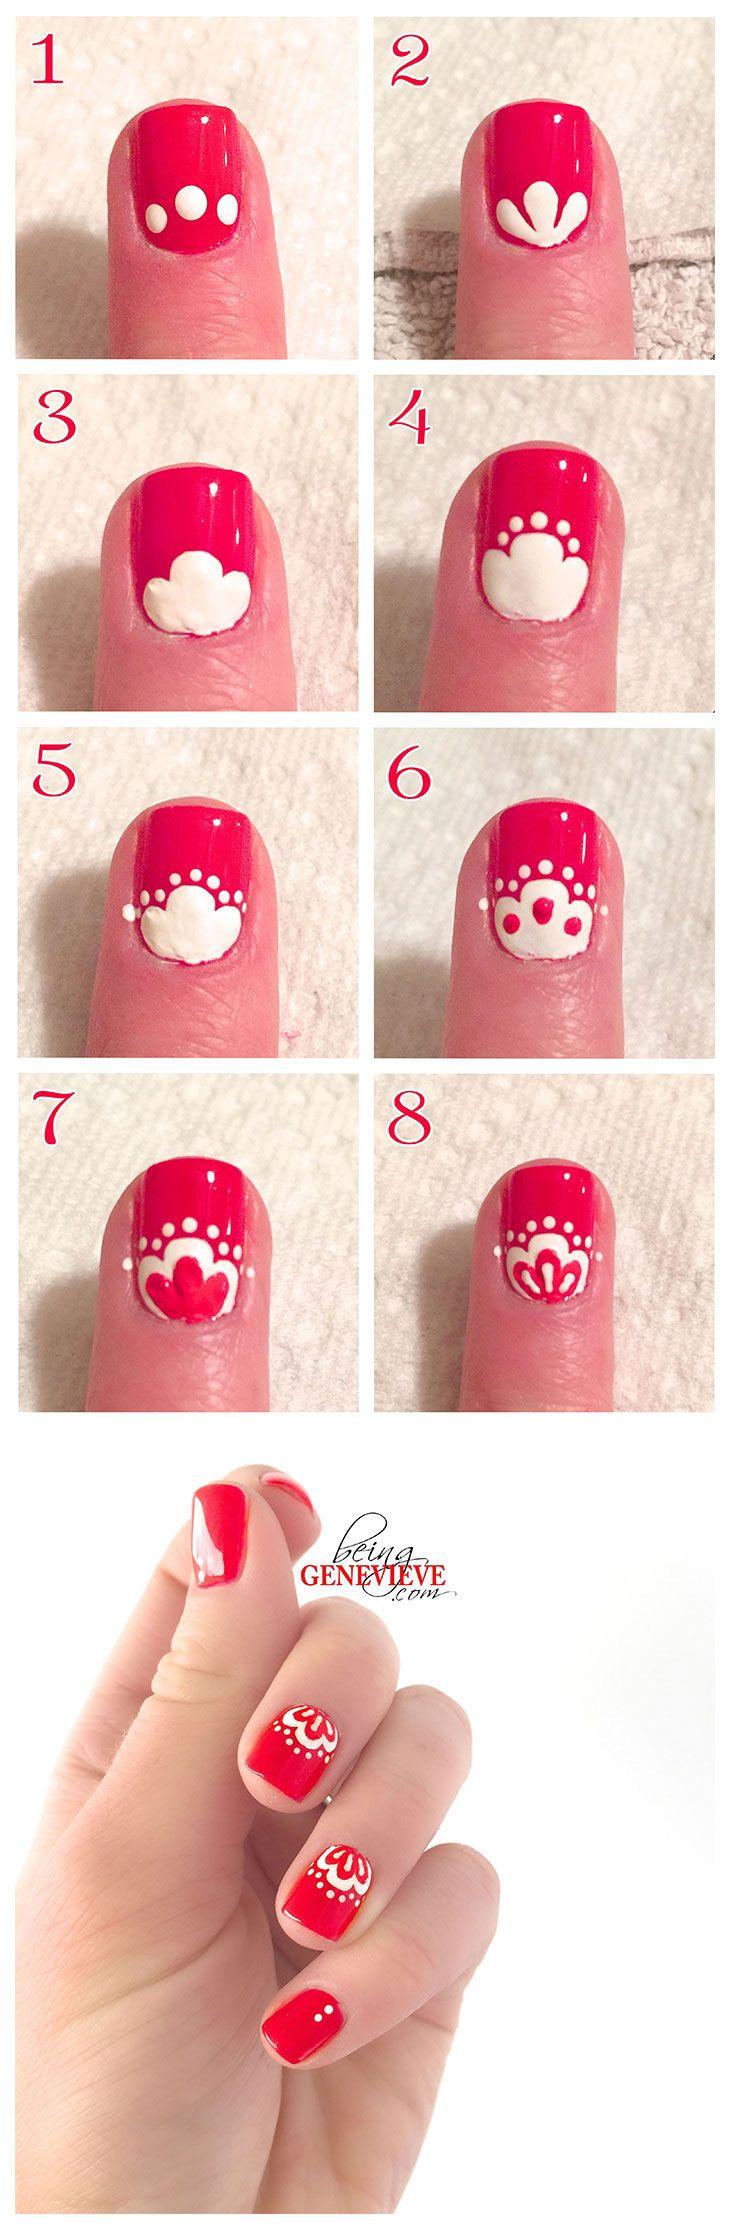 Una muy linda forma de decorar tus uñas fácil y rápido